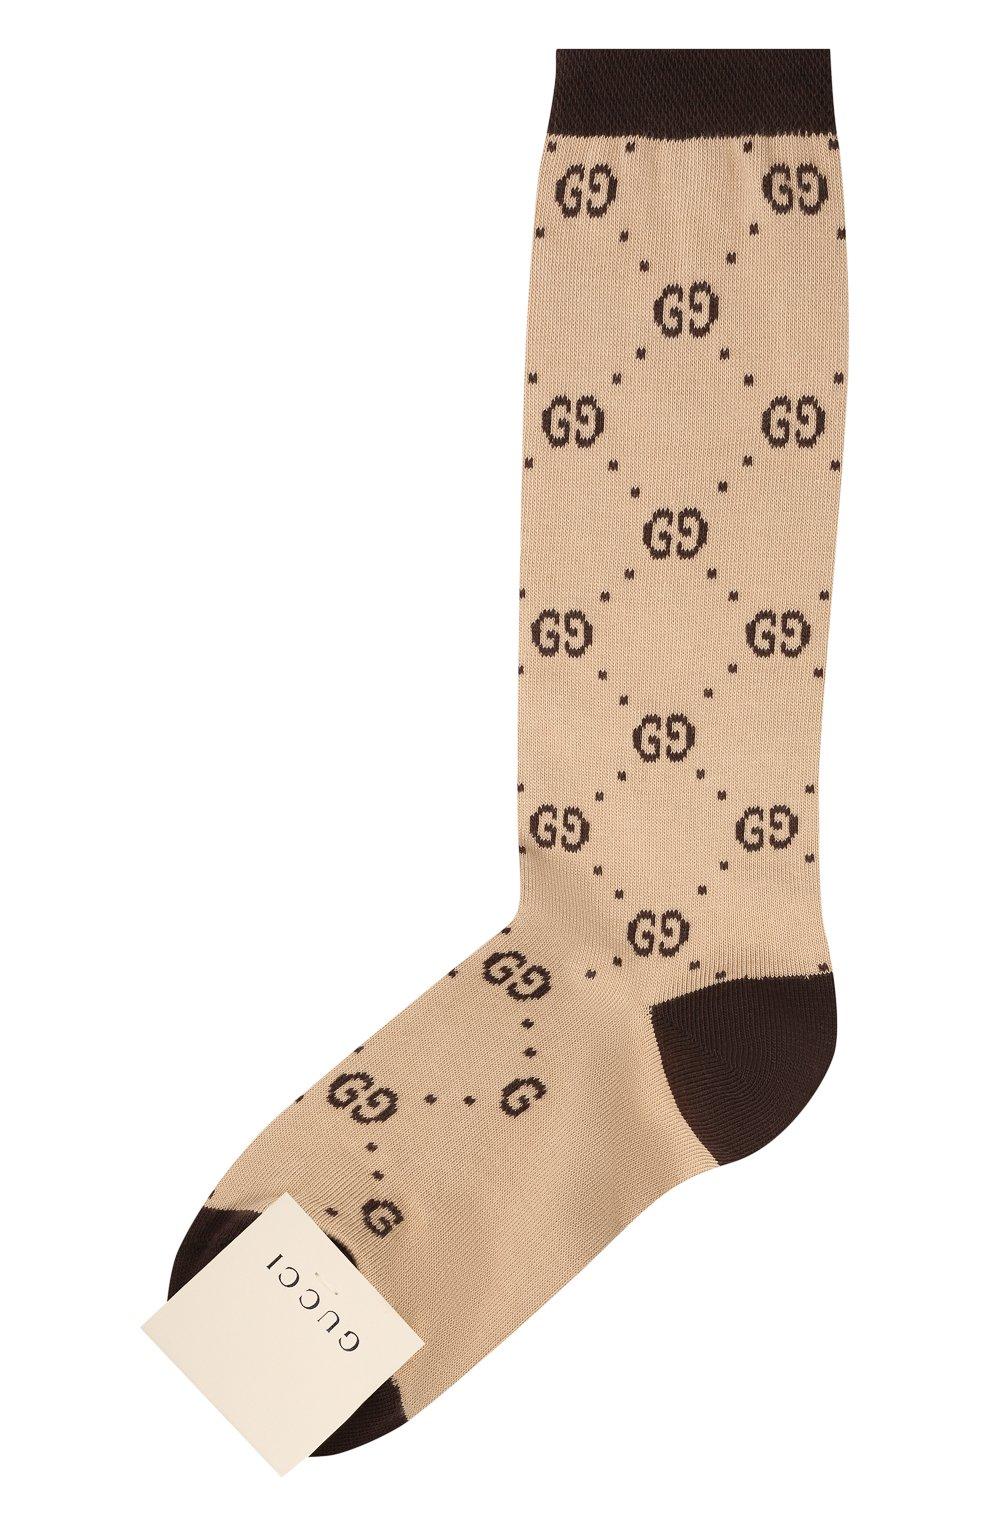 Детские хлопковые гольфы GUCCI коричневого цвета, арт. 503509/4K541   Фото 1 (Материал: Текстиль, Хлопок)